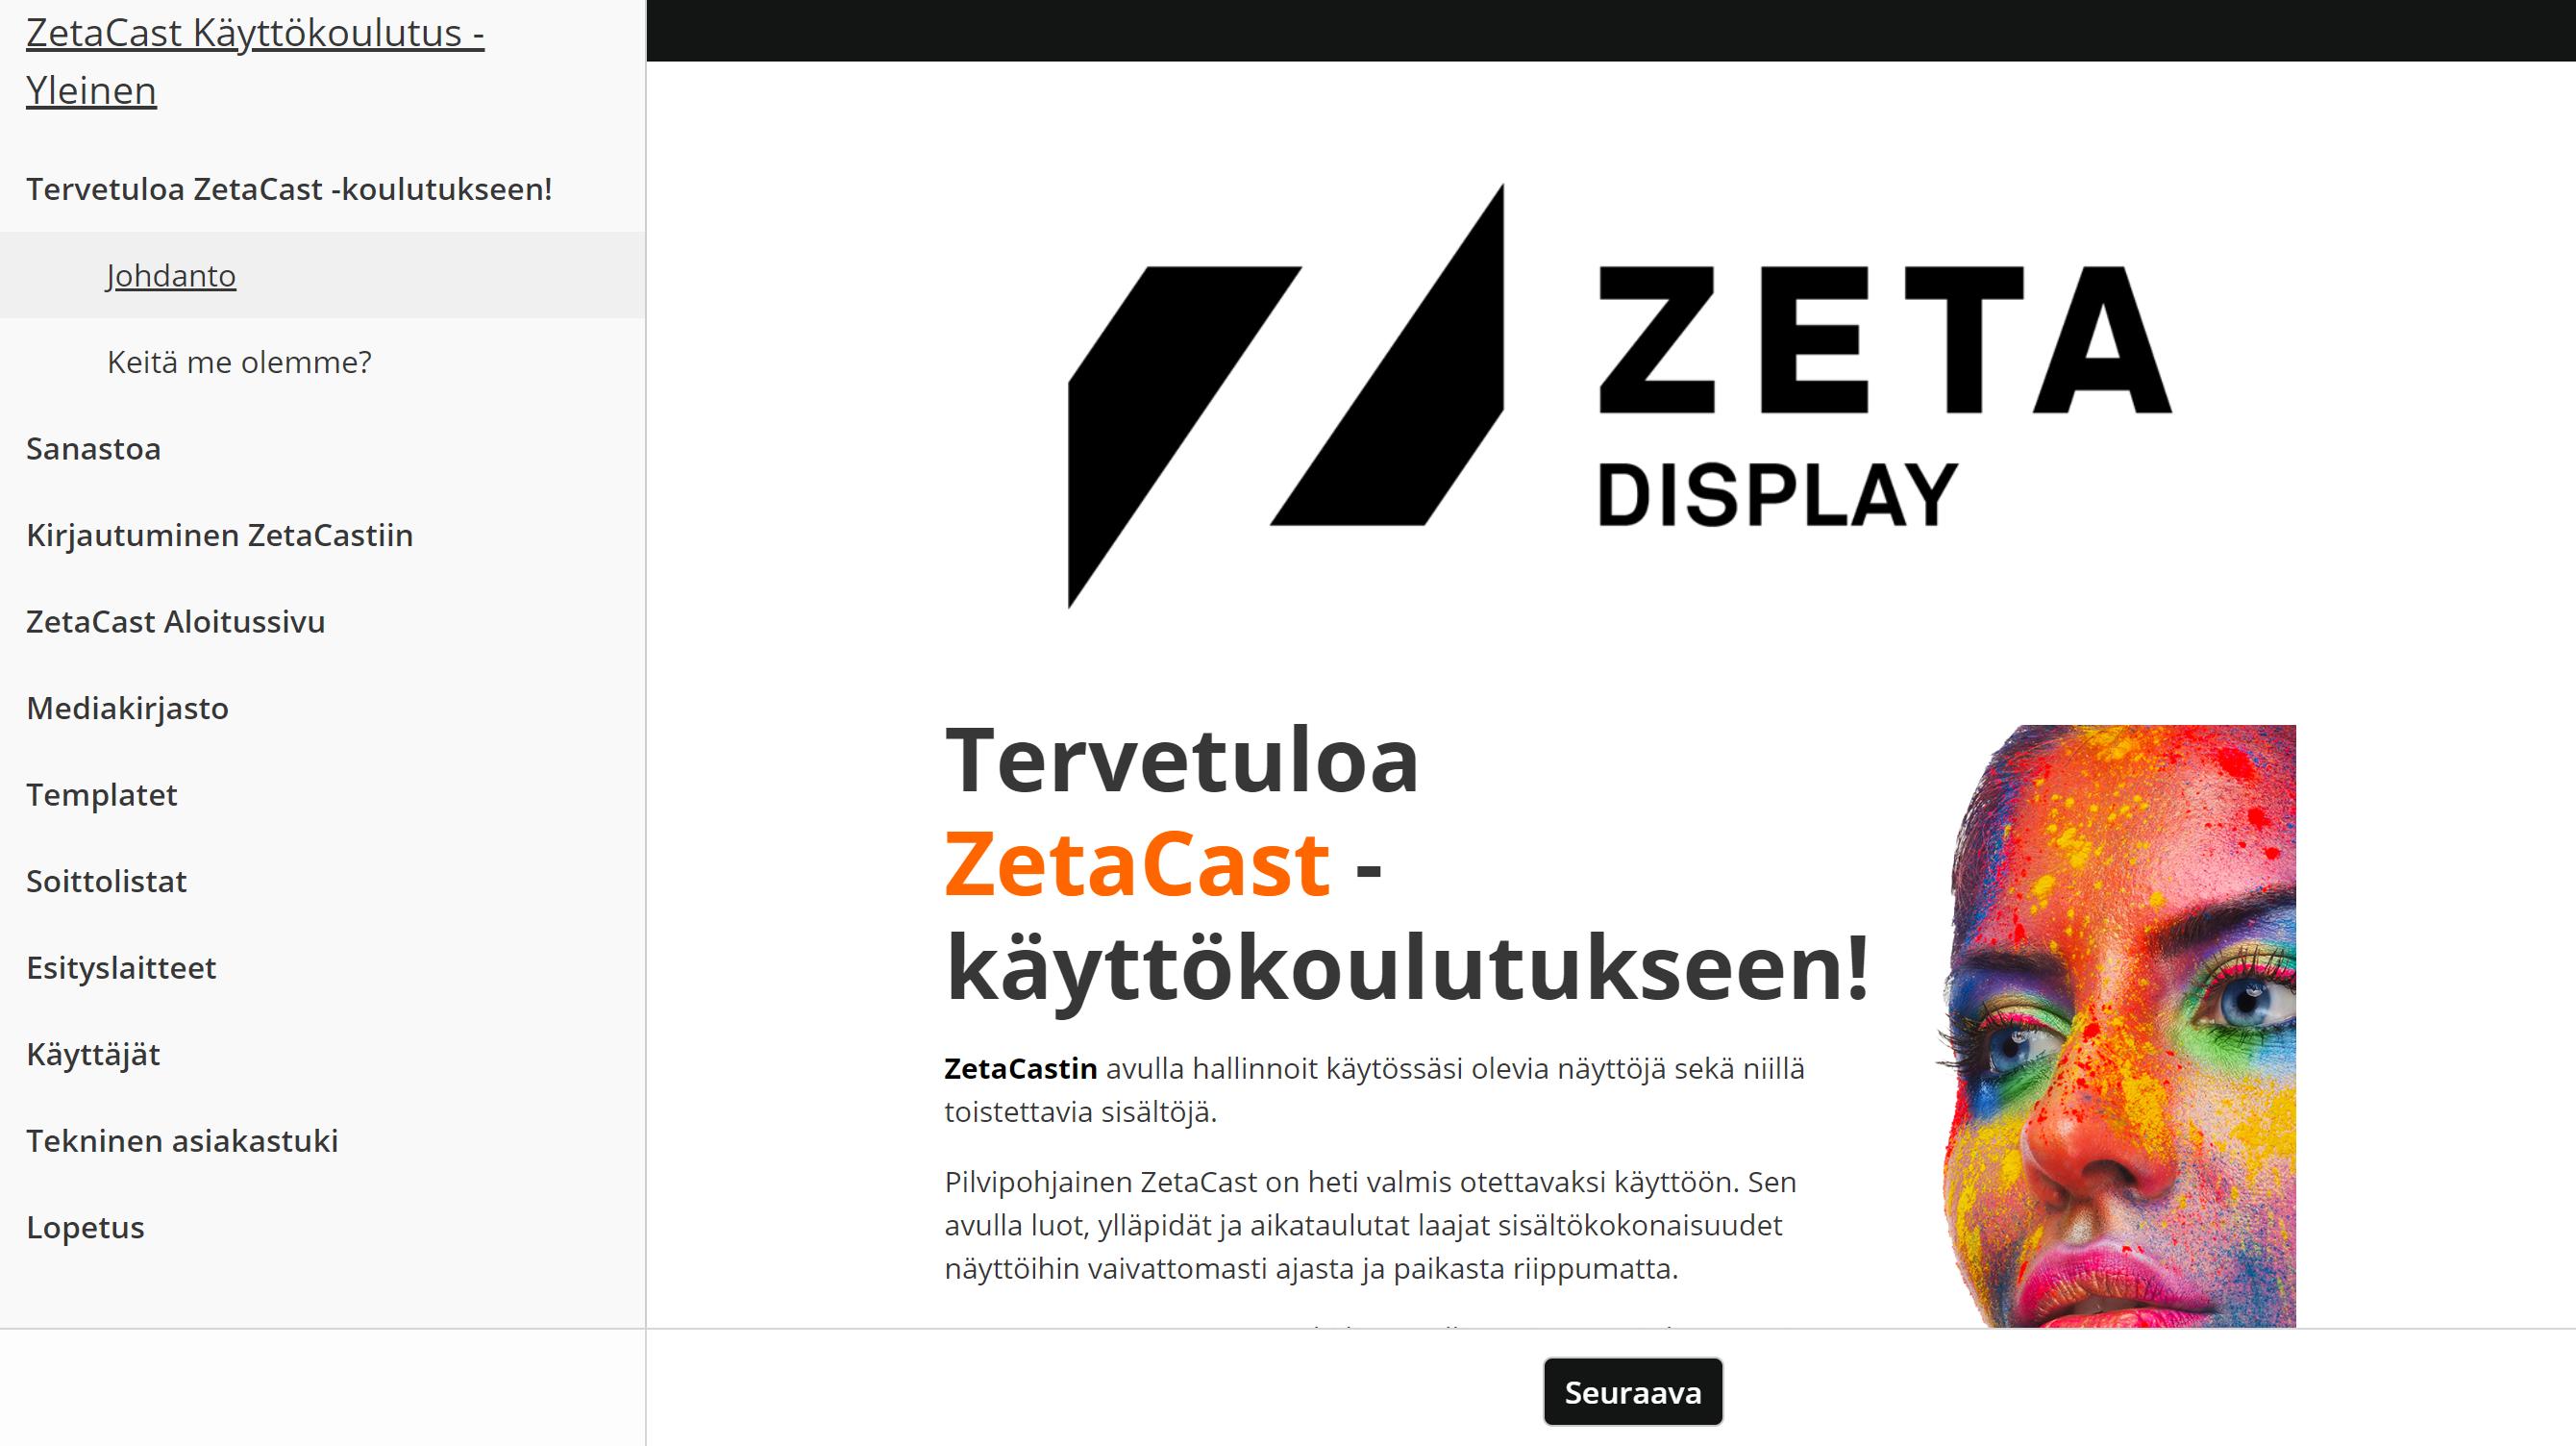 ZetaCast verkkokoulutus ZetaDisplayn verkkosivuilla